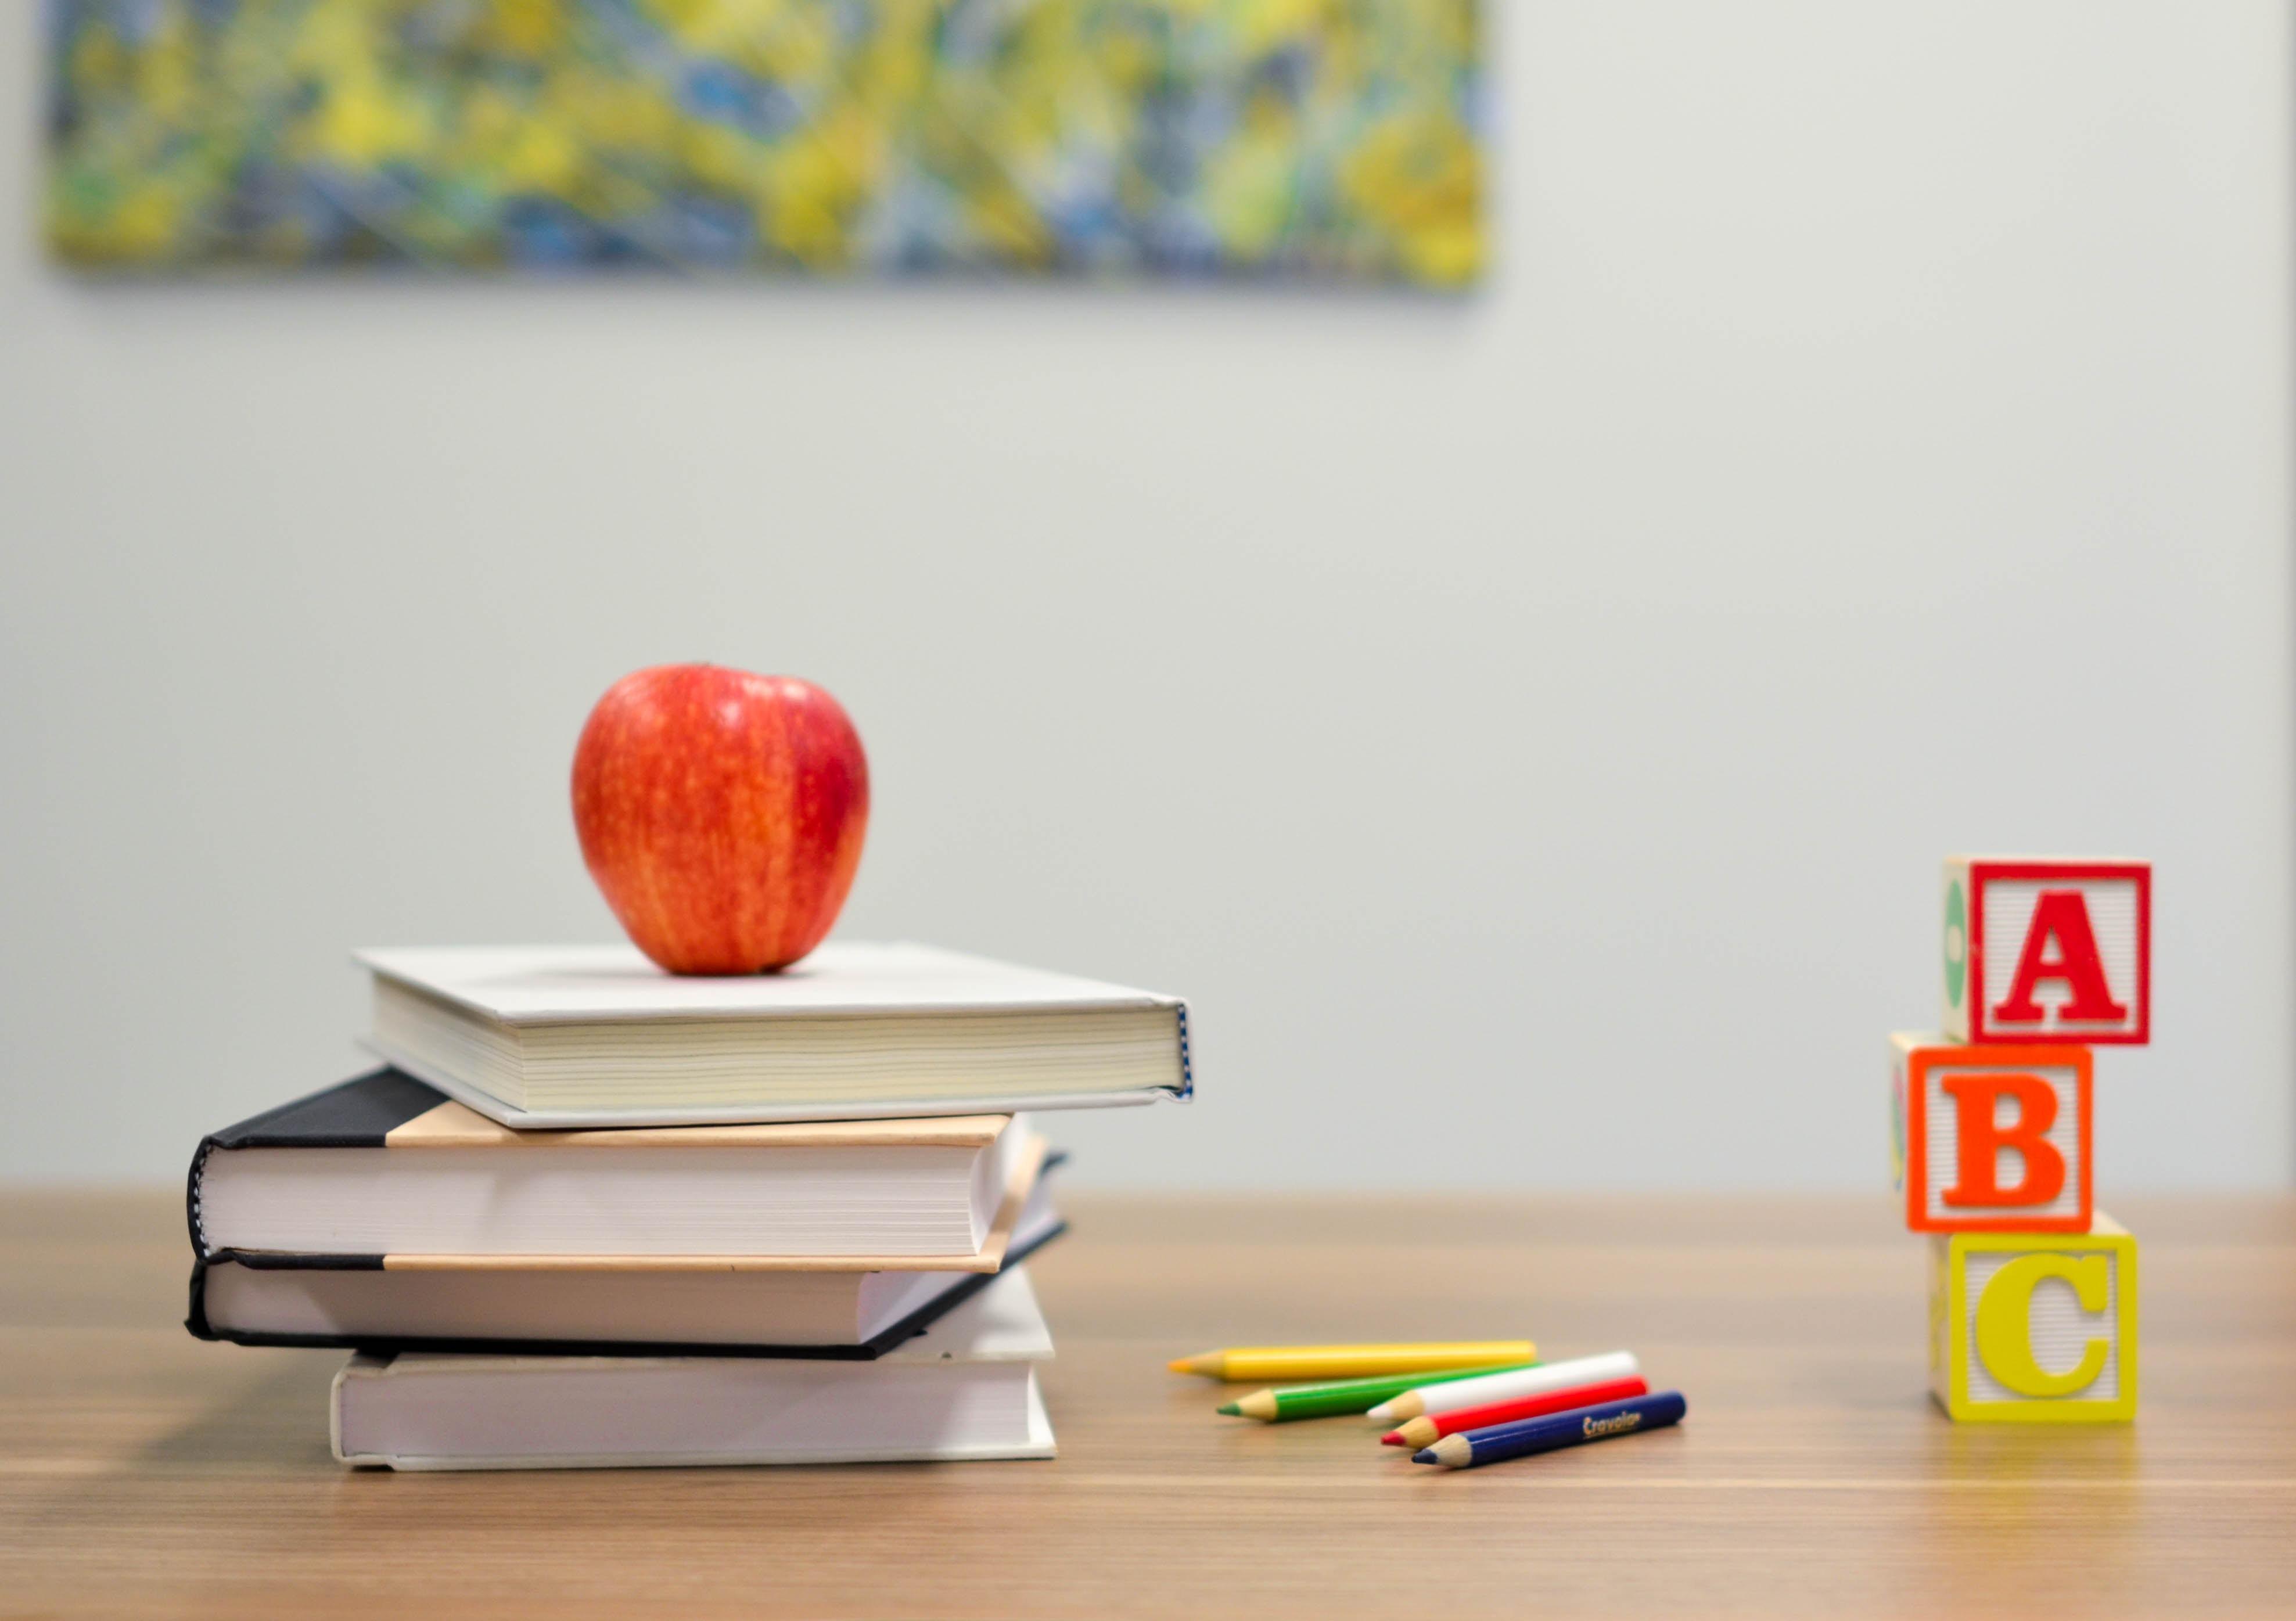 """La loi """"pour la liberté de choisir son avenir professionnel"""" vise à faciliter l'accès à la formation à chacun, tout au long de sa carrière. Promulguée en septembre 2018, la loi prévoit une série de mesures qui seront effectives en 2019. - Unsplash"""